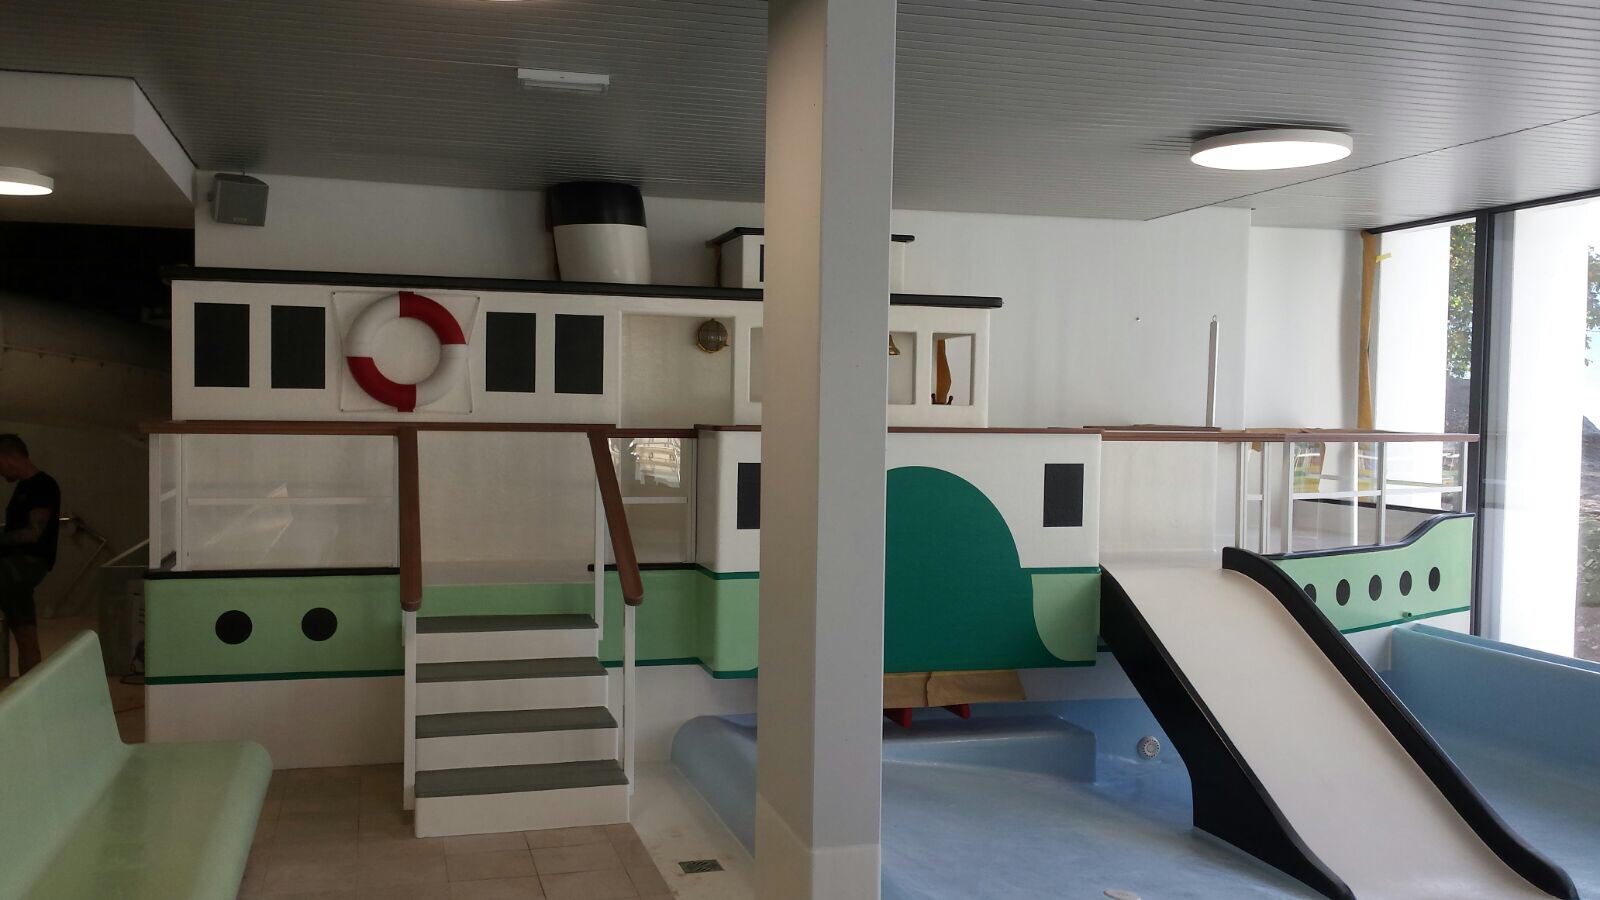 Hallenbad oberhofen kinderplanschbecken 2017 l drach - Schwimmbad architektur ...